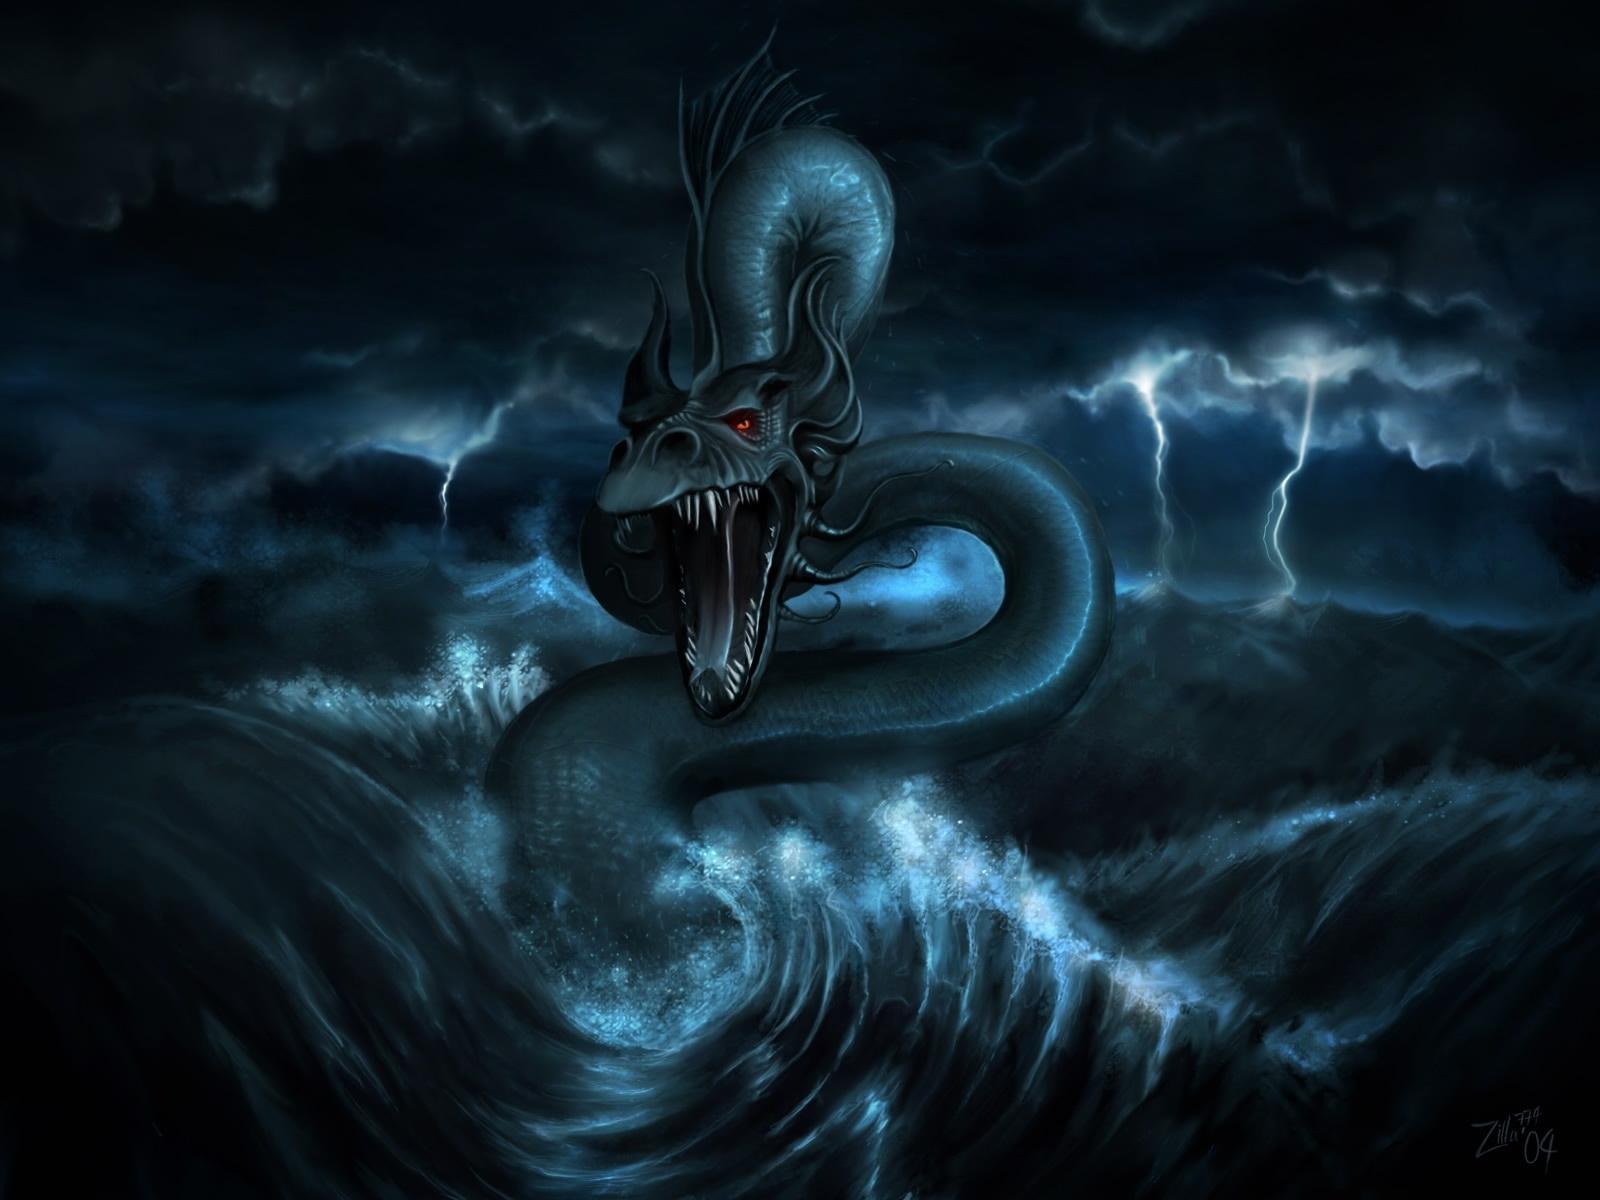 3206 Hintergrundbild herunterladen Wasser, Fantasie, Kunst, Dragons, Sea, Bilder - Bildschirmschoner und Bilder kostenlos